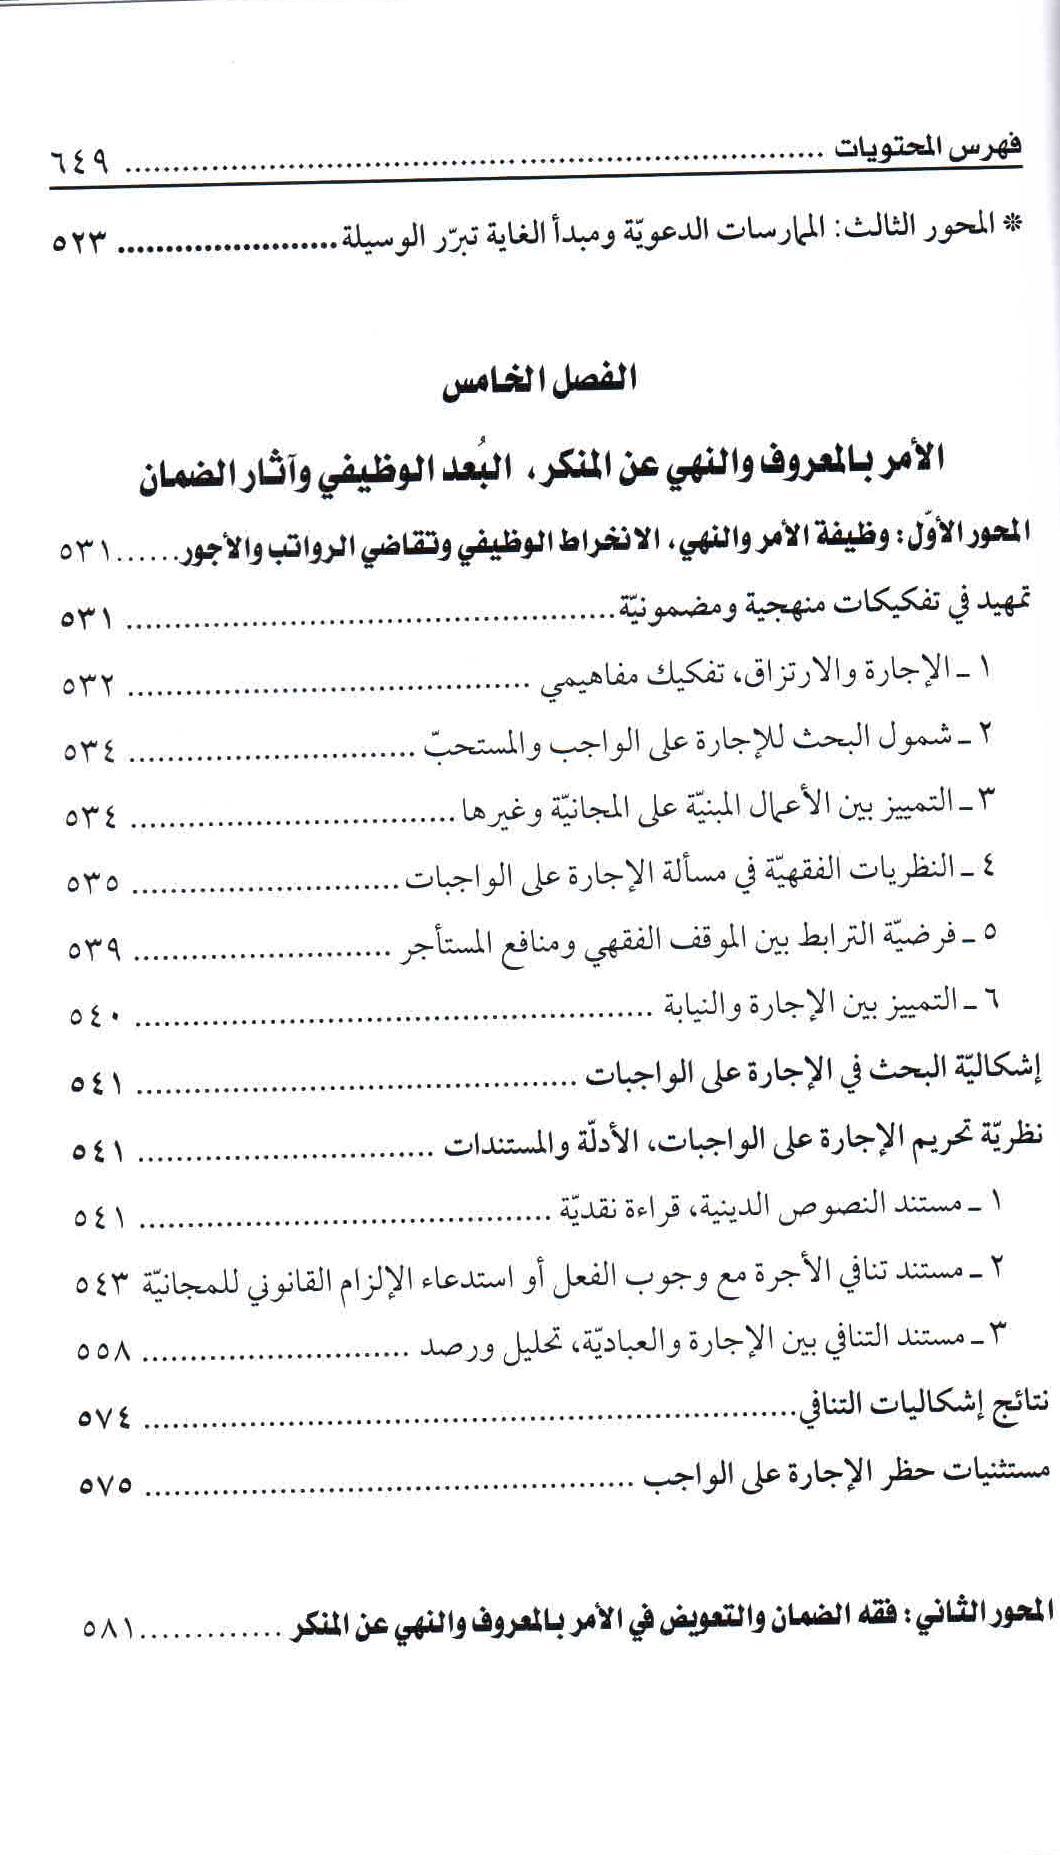 ص 649 محتويات كتاب فقه الأمر بالمعروف والنهي عن المنكر